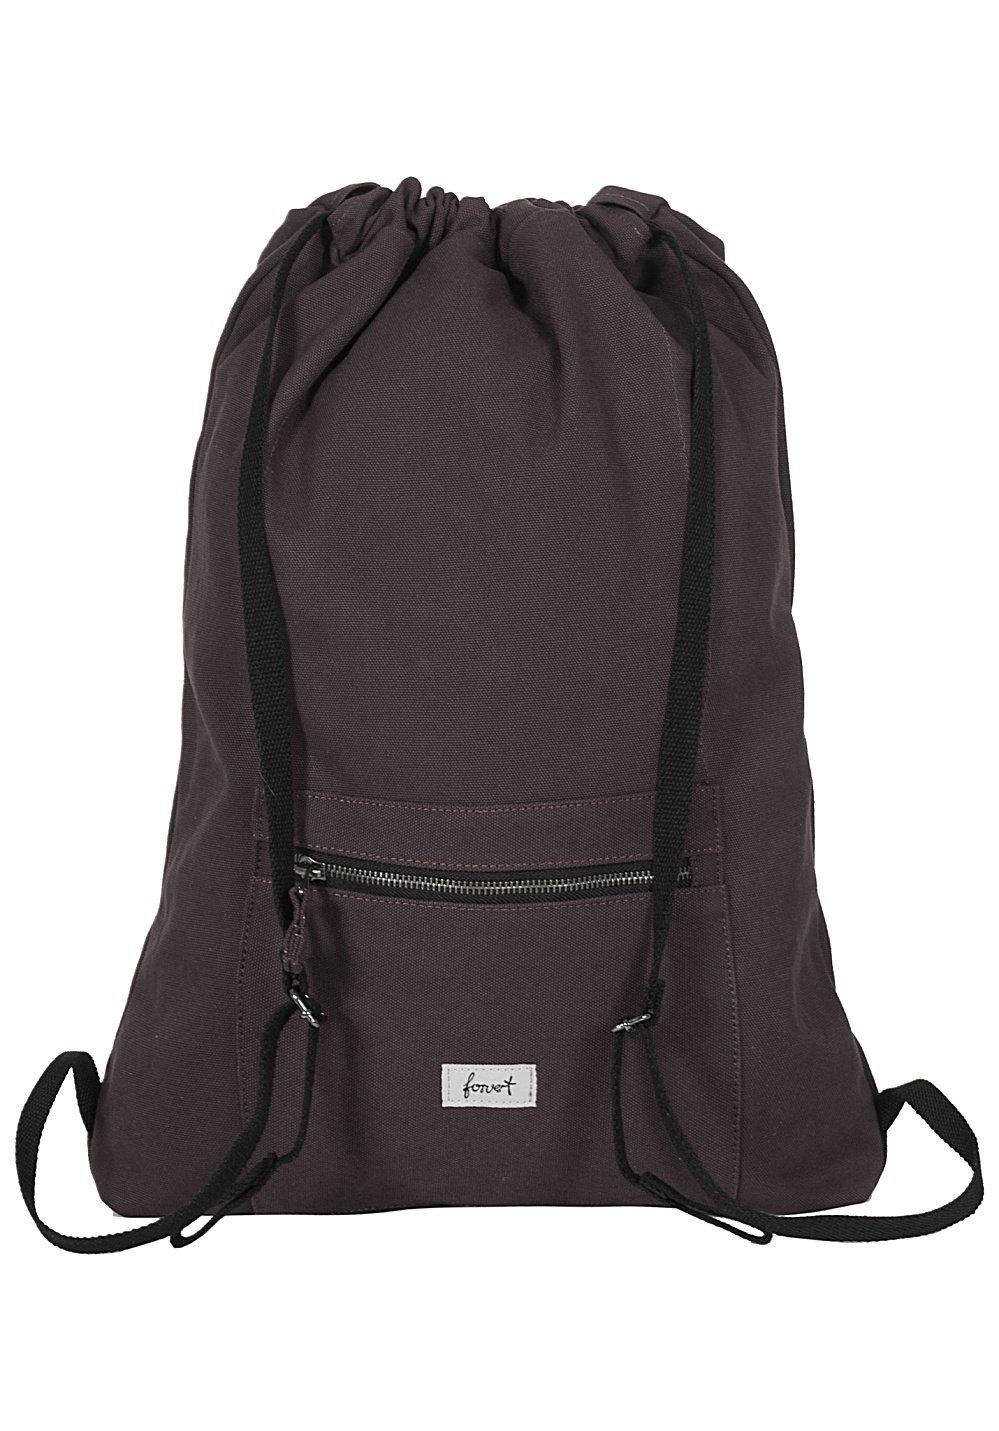 Forvert Claas Bag, Black, Onesize